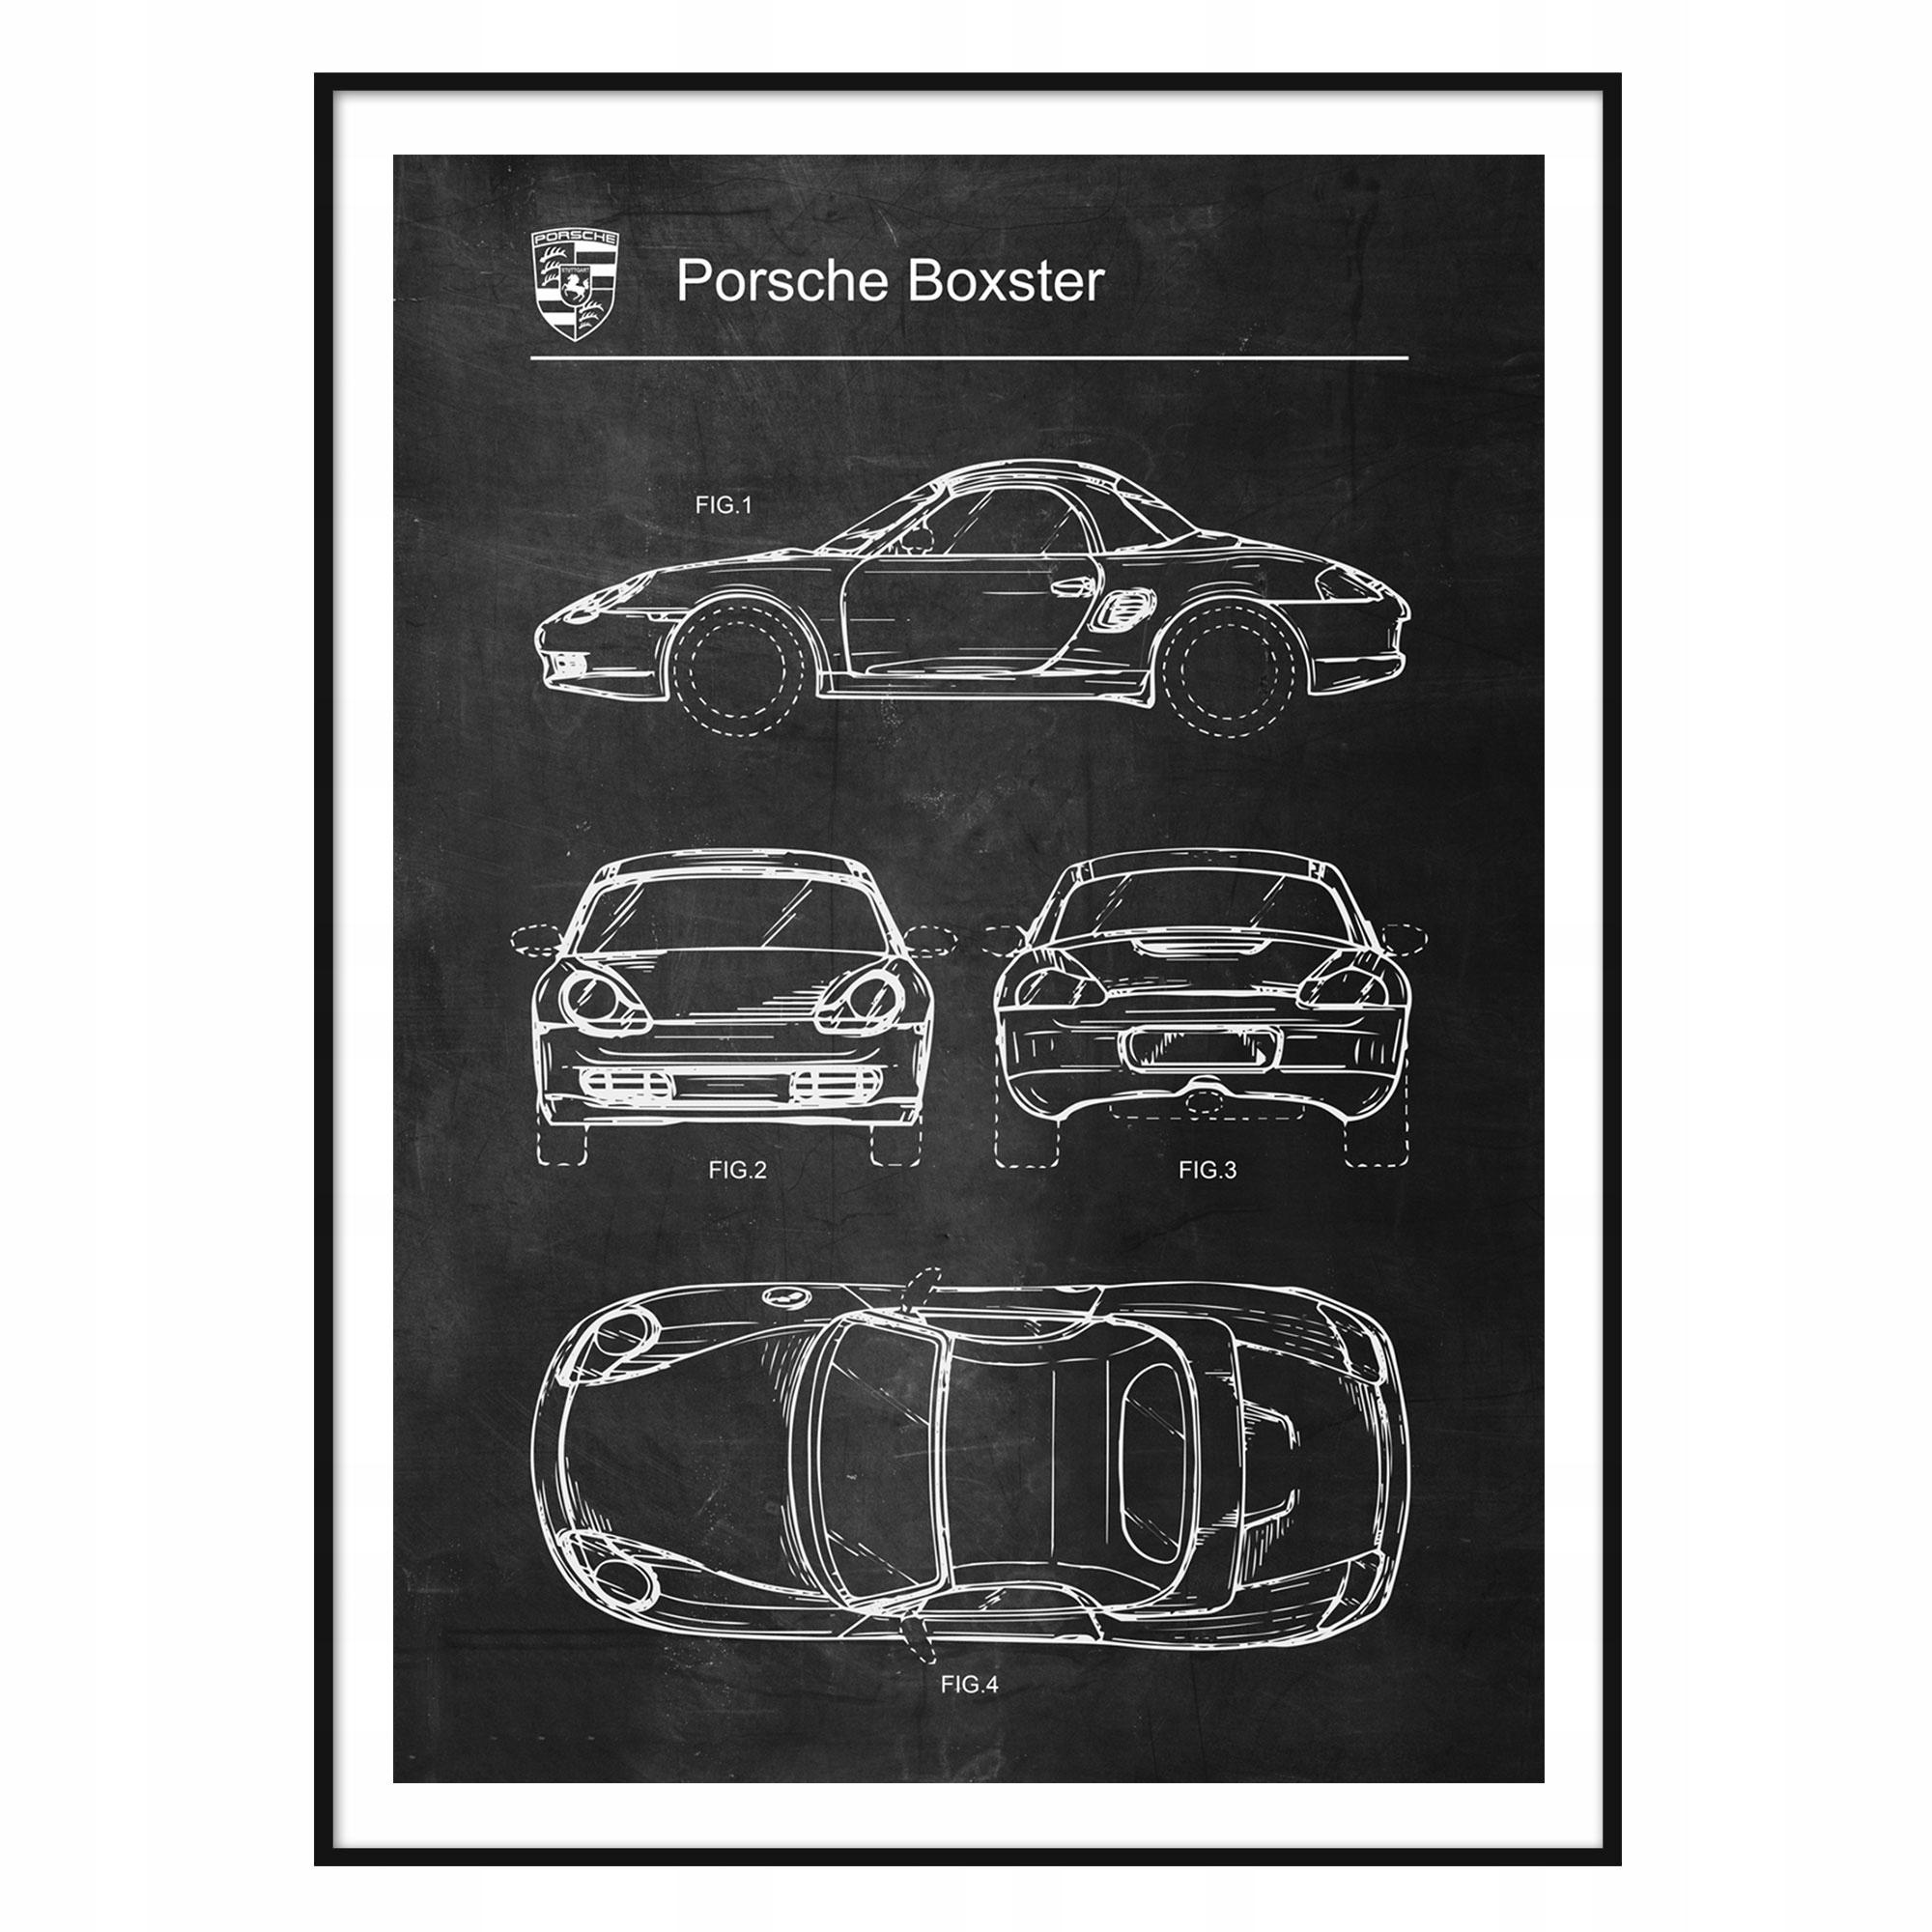 Schématický plagát retro patentu Porsche Boxster 1997